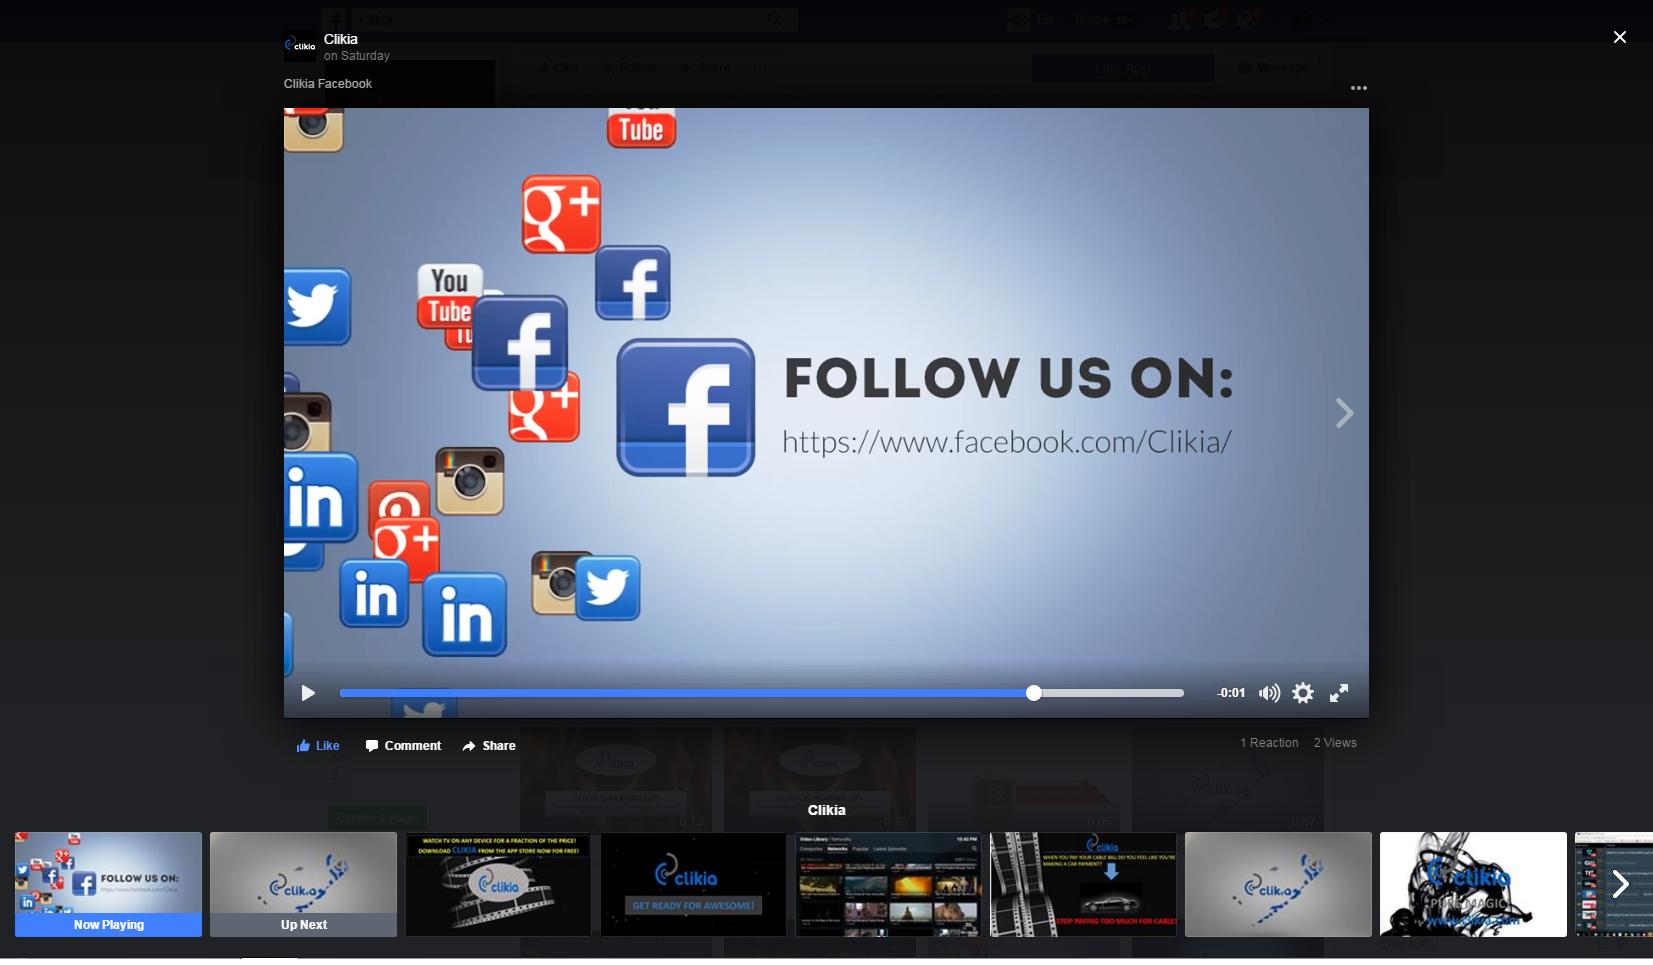 facebook.com/Clikia/